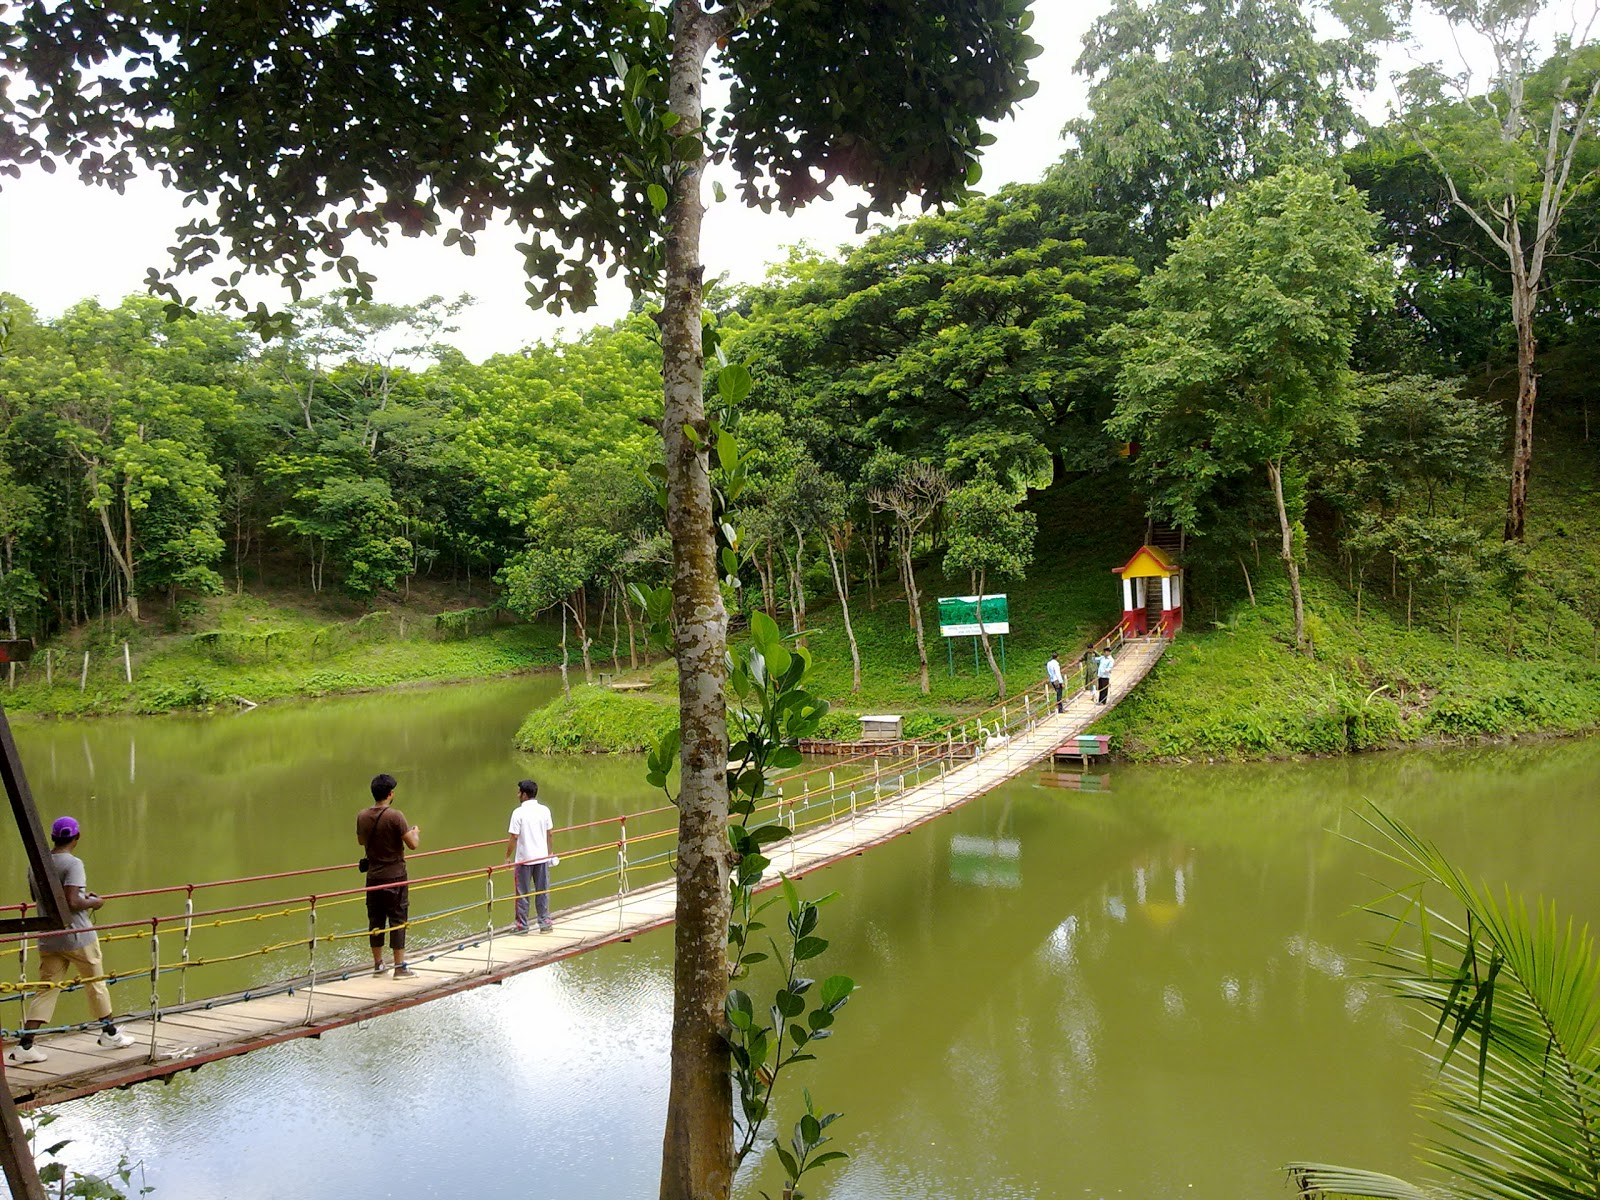 Meghla lake